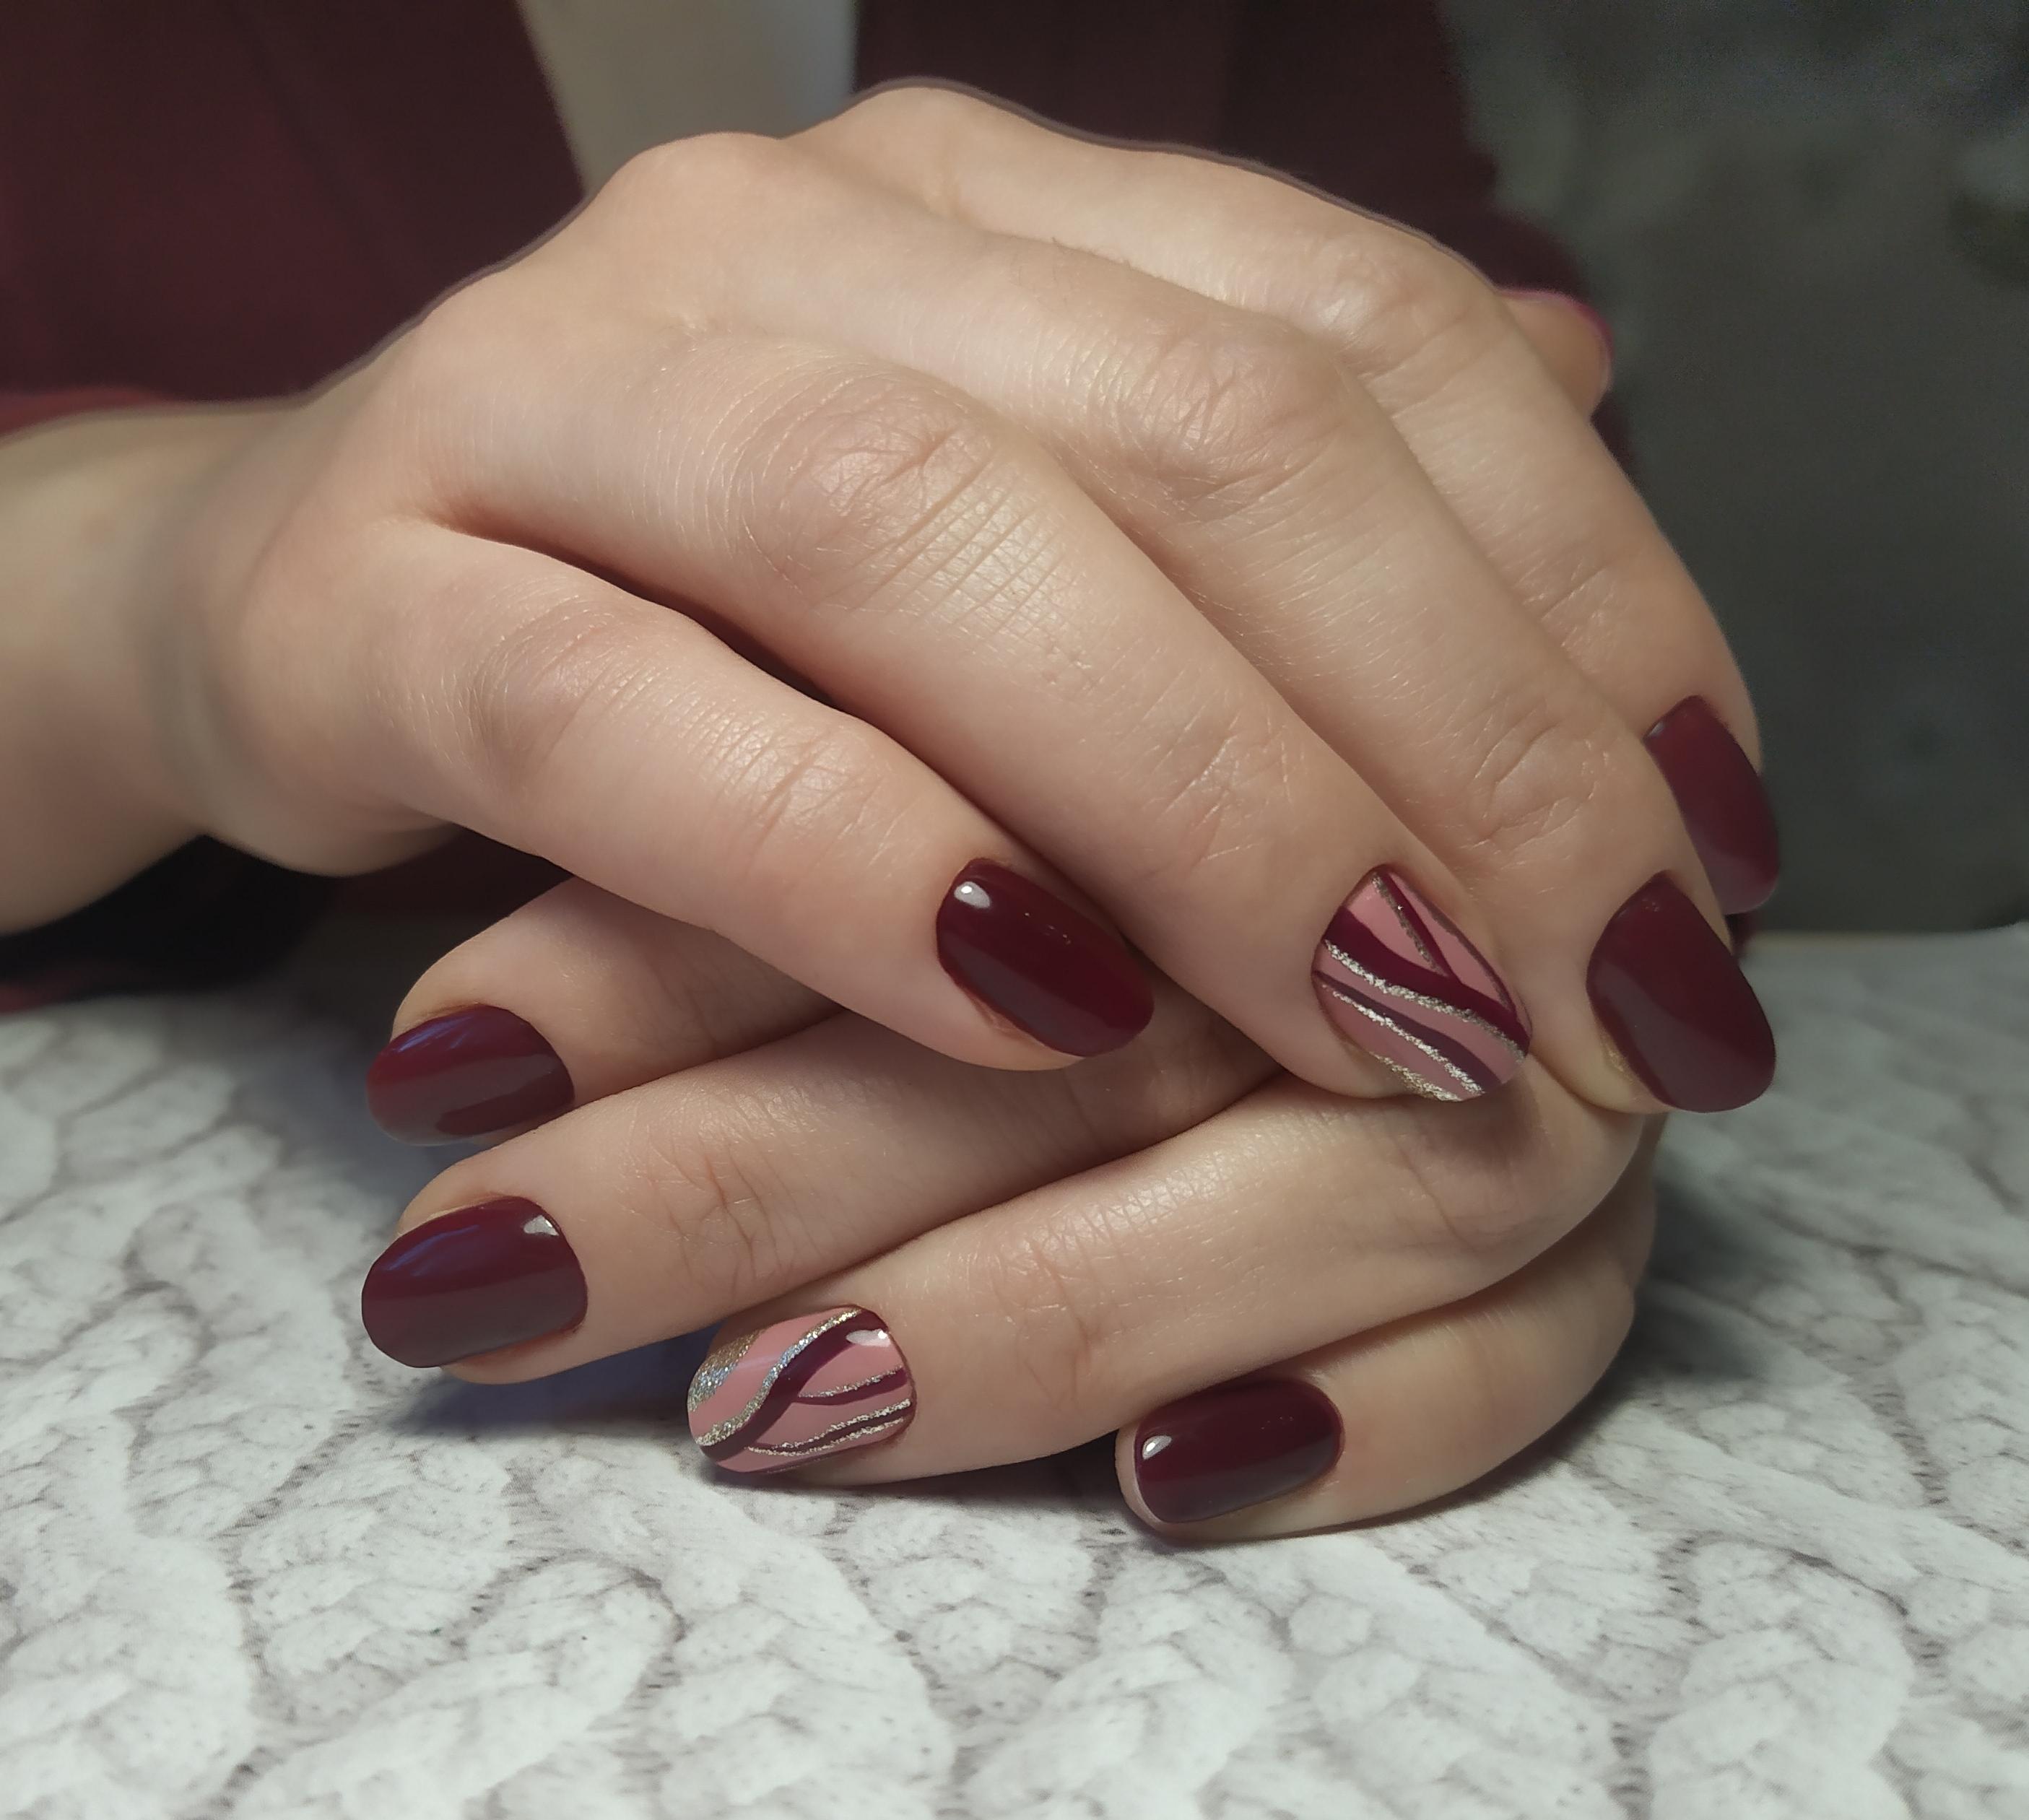 Маникюр с абстрактным рисунком и блестками в темно-красном цвете.